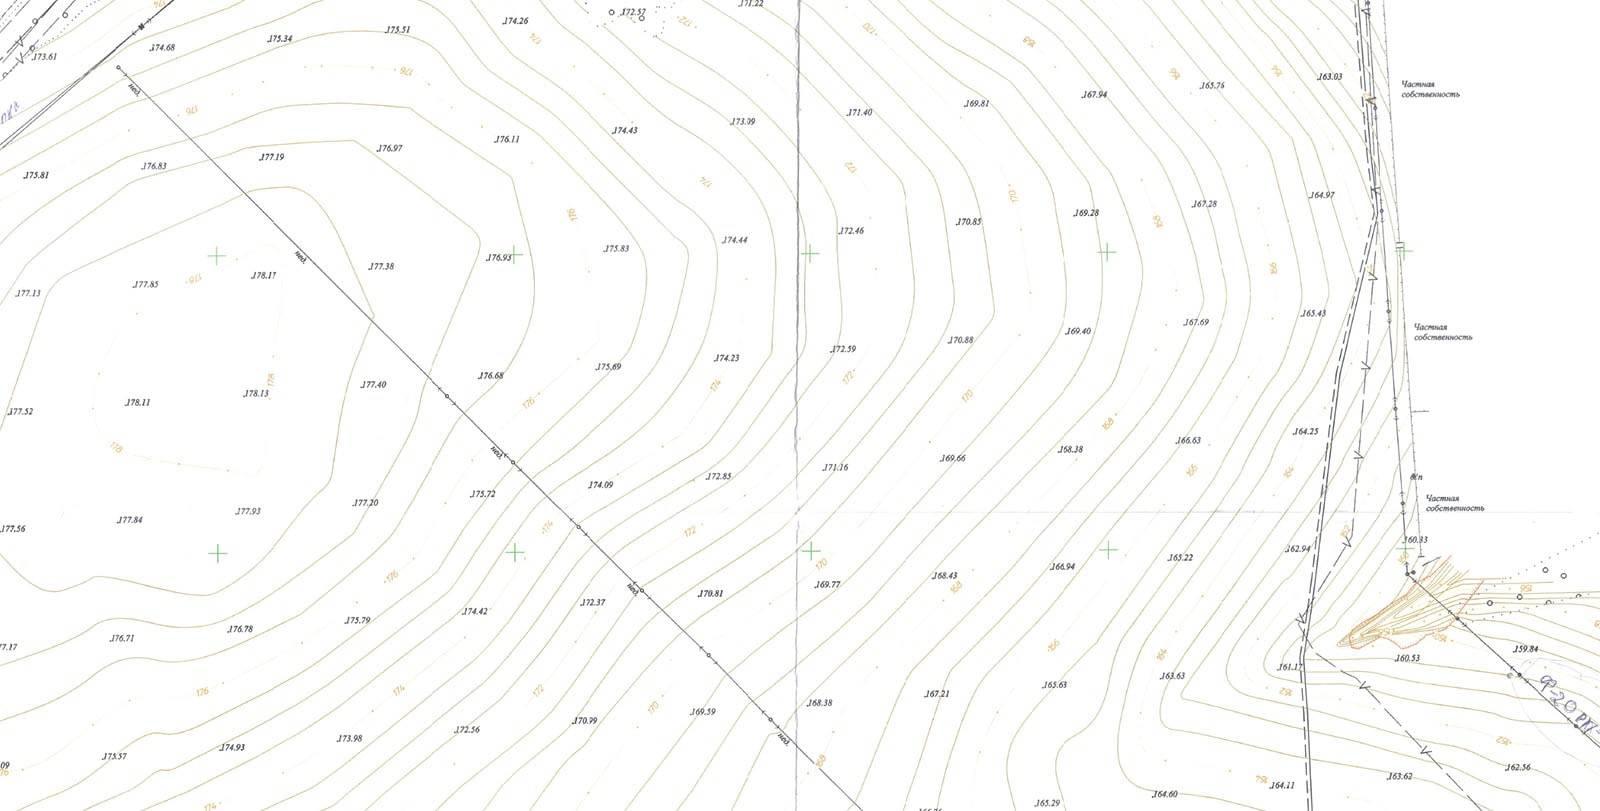 Топографический план земельного участка для роснедра и не только: как получить по кадастровому номеру и нет, также карта в масштабе 1:500 с точками водоснабжения